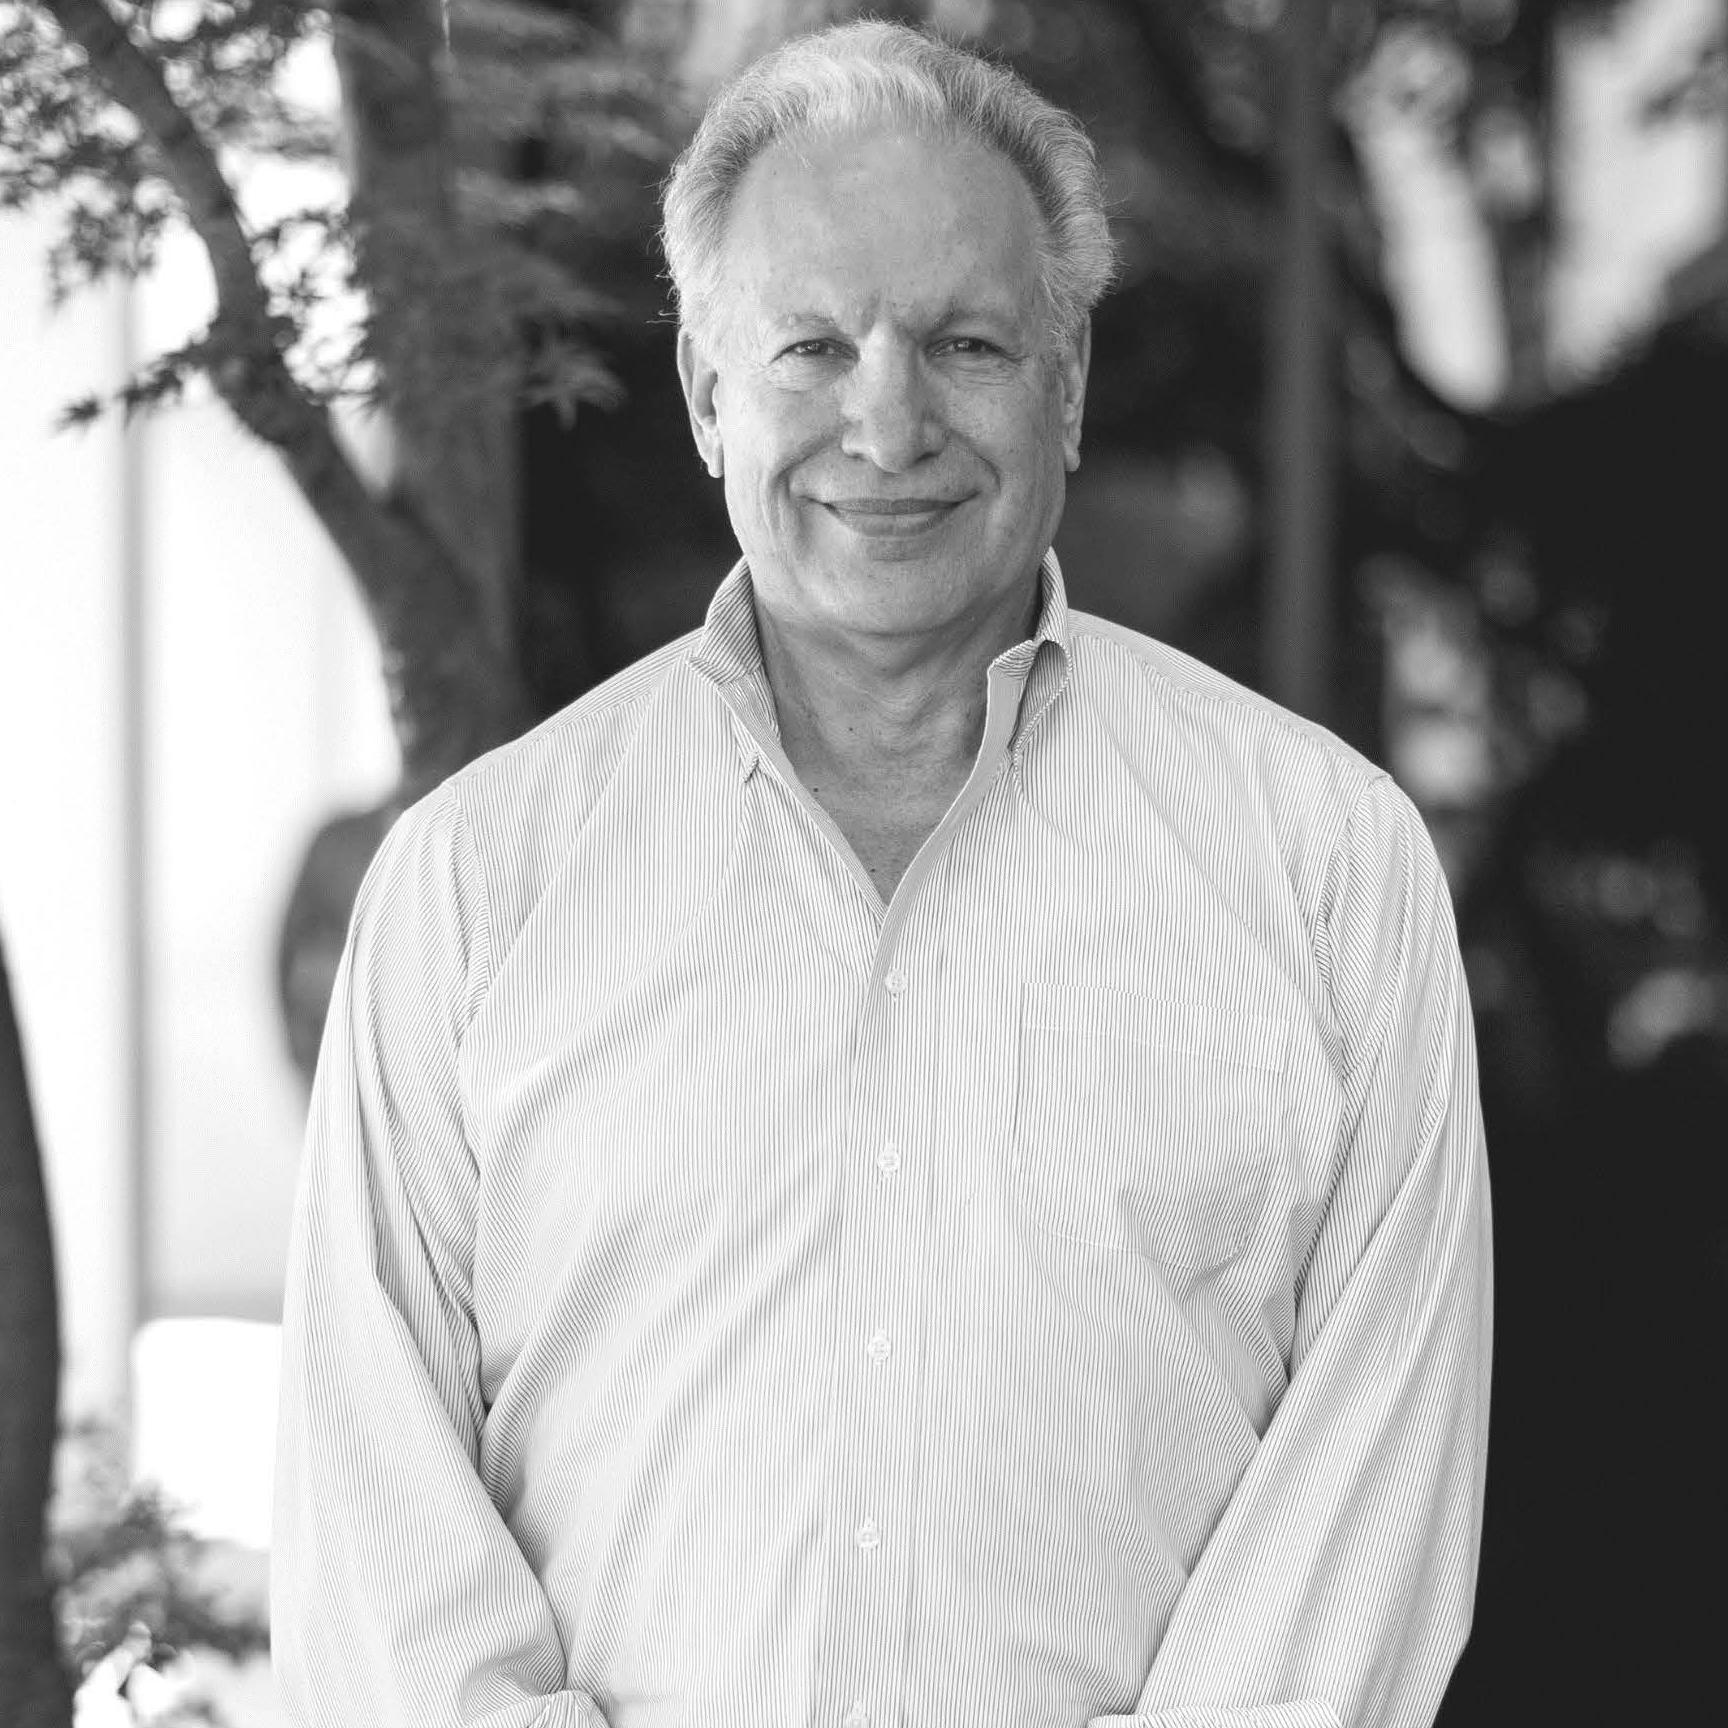 Mark R. Rosekind, Ph.D